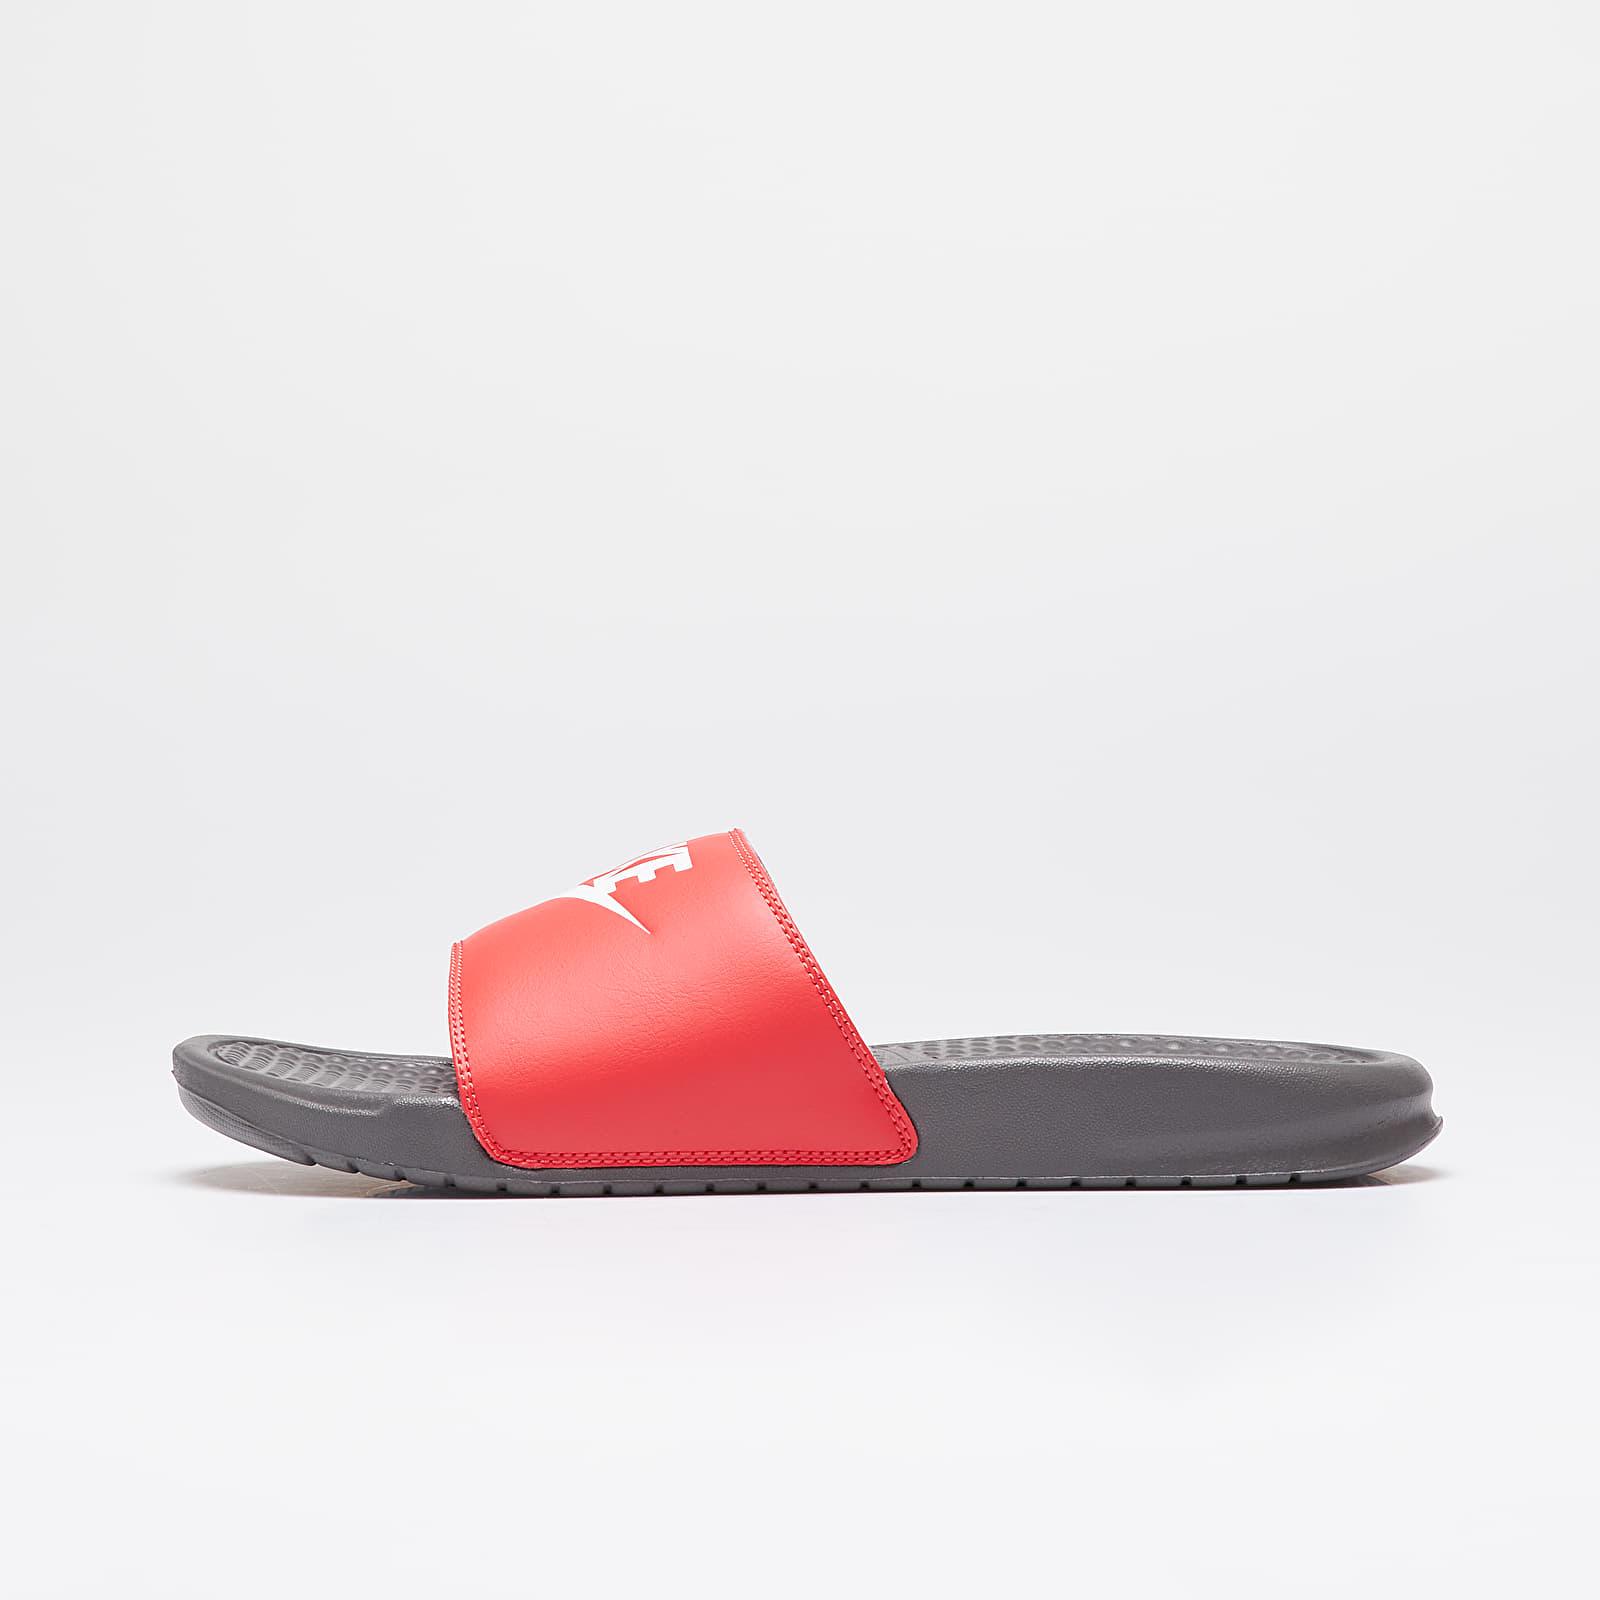 Pánské tenisky a boty Nike Benassi Jdi Iron Grey/ White-Track Red